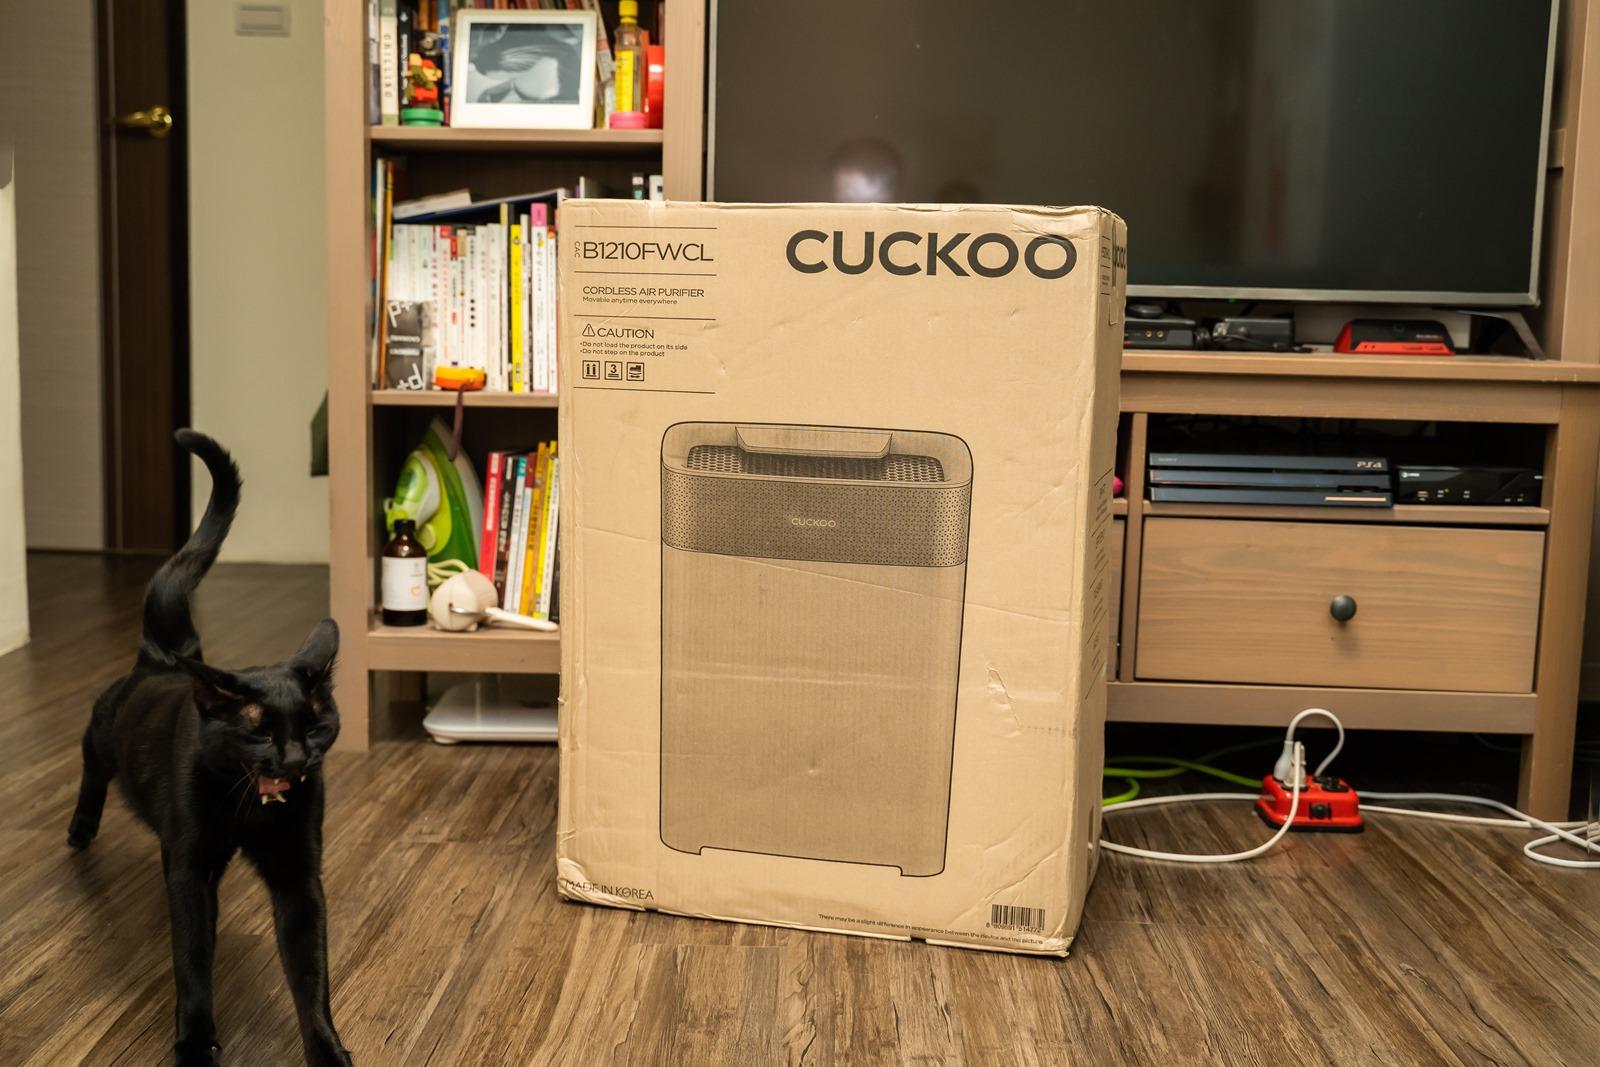 【開箱】Cuckoo福庫無線充電式空氣清淨機!HEPA電漿二合一,無線使用超便利!